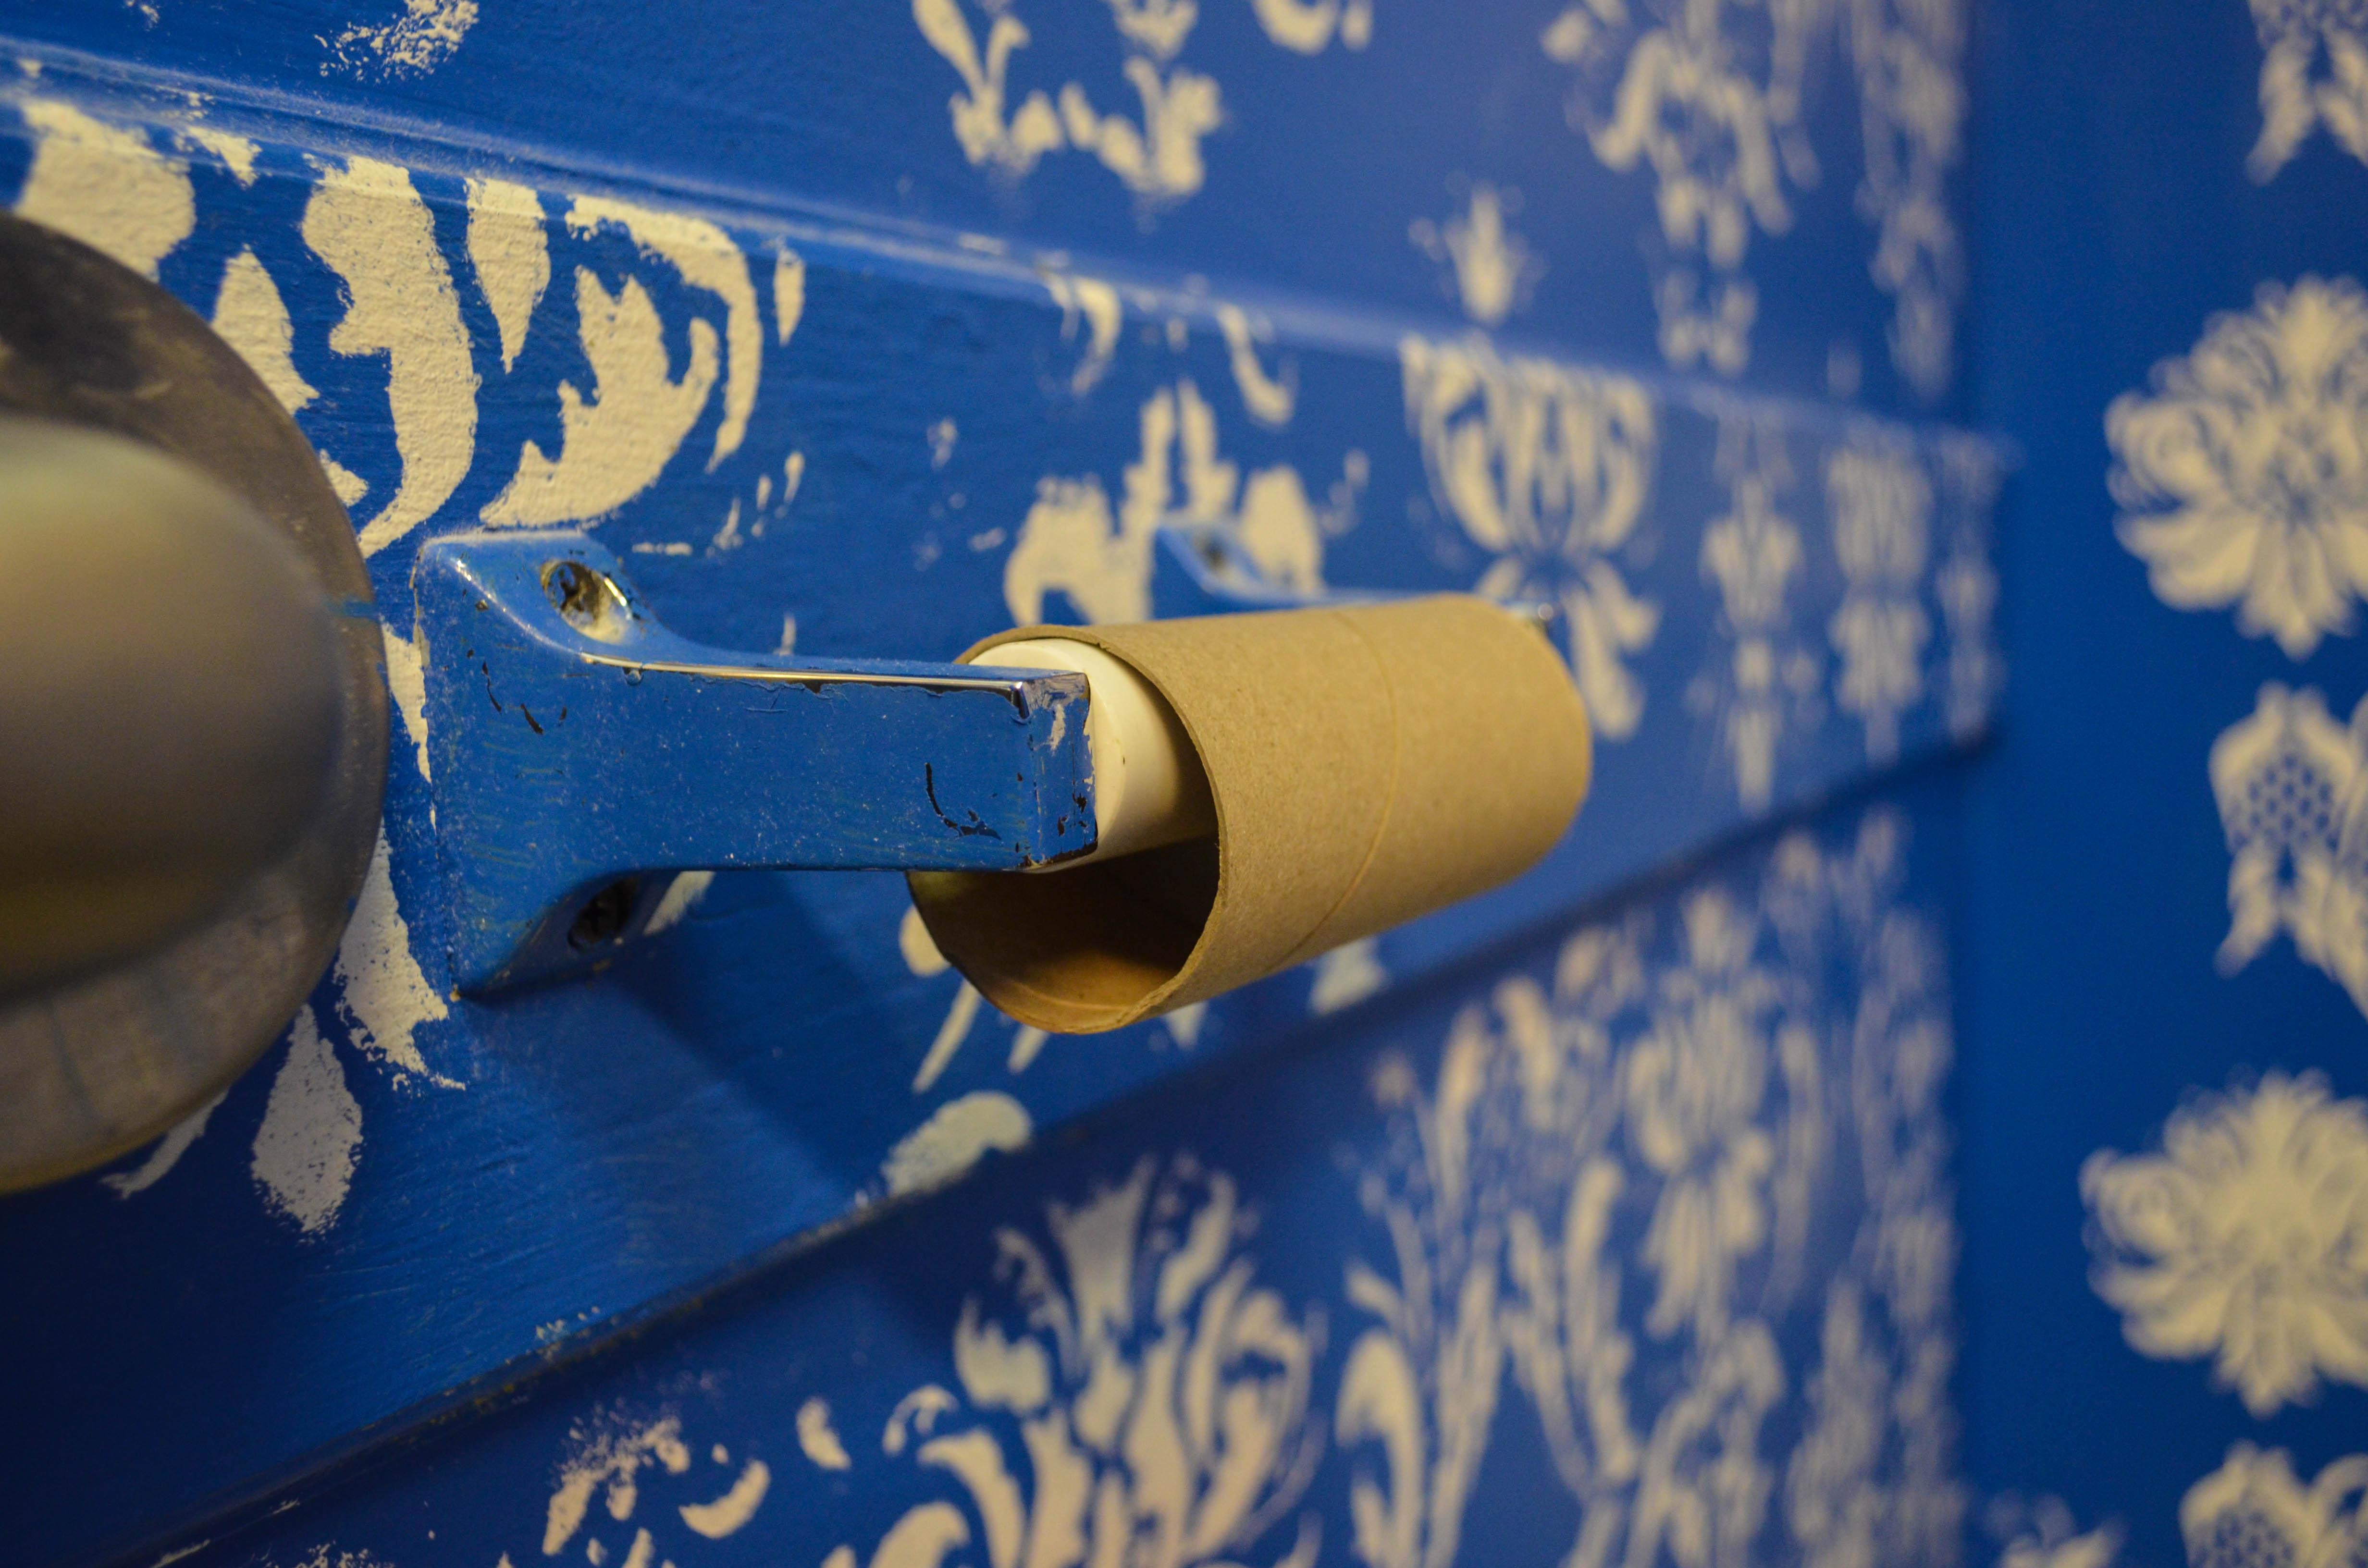 Vécépapírpánik van Tajvanon